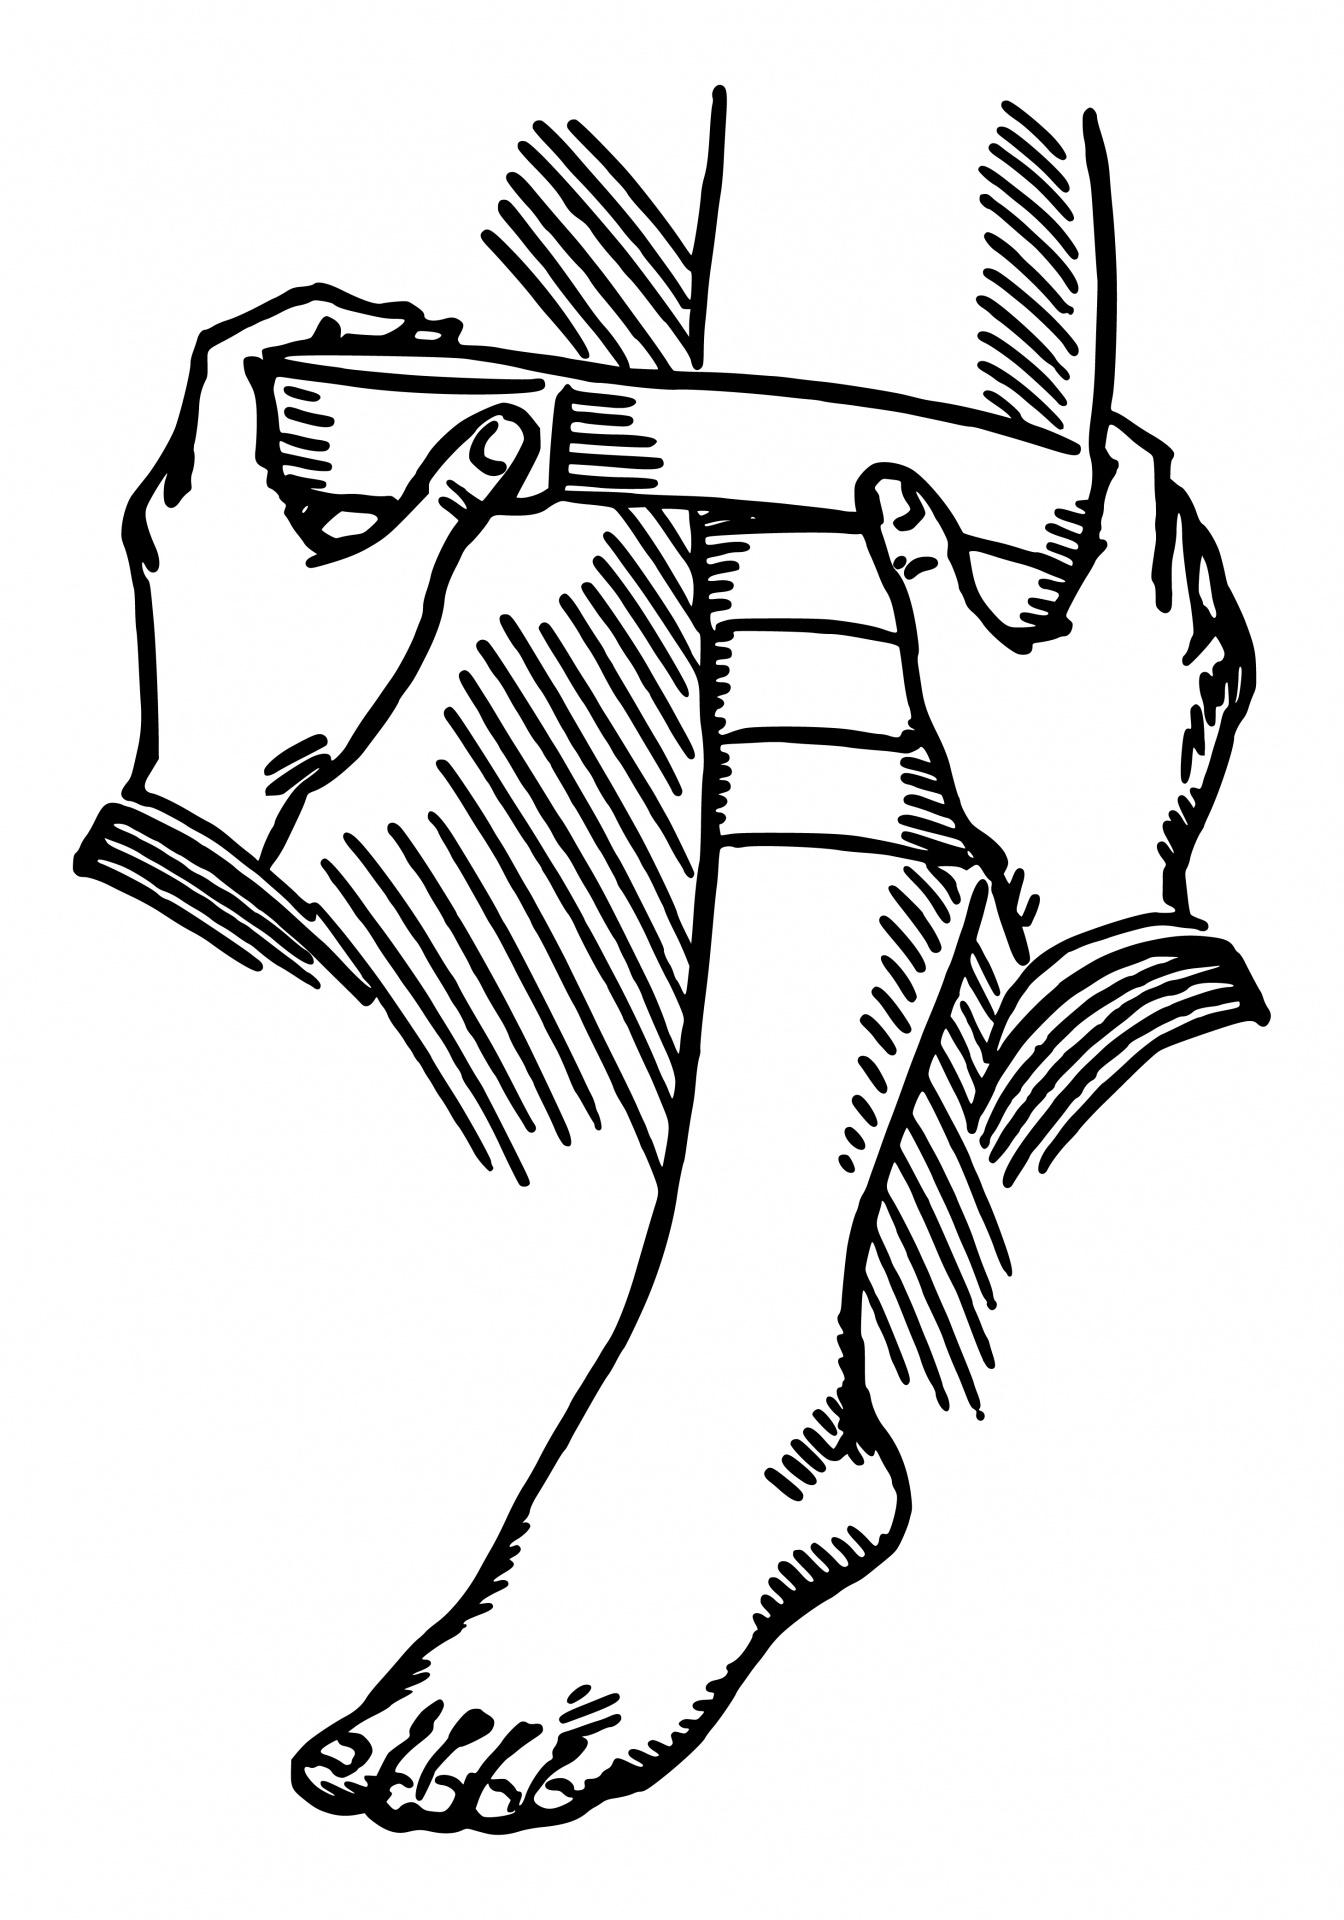 Applying Leg Bandage Illustration Free Stock Photo